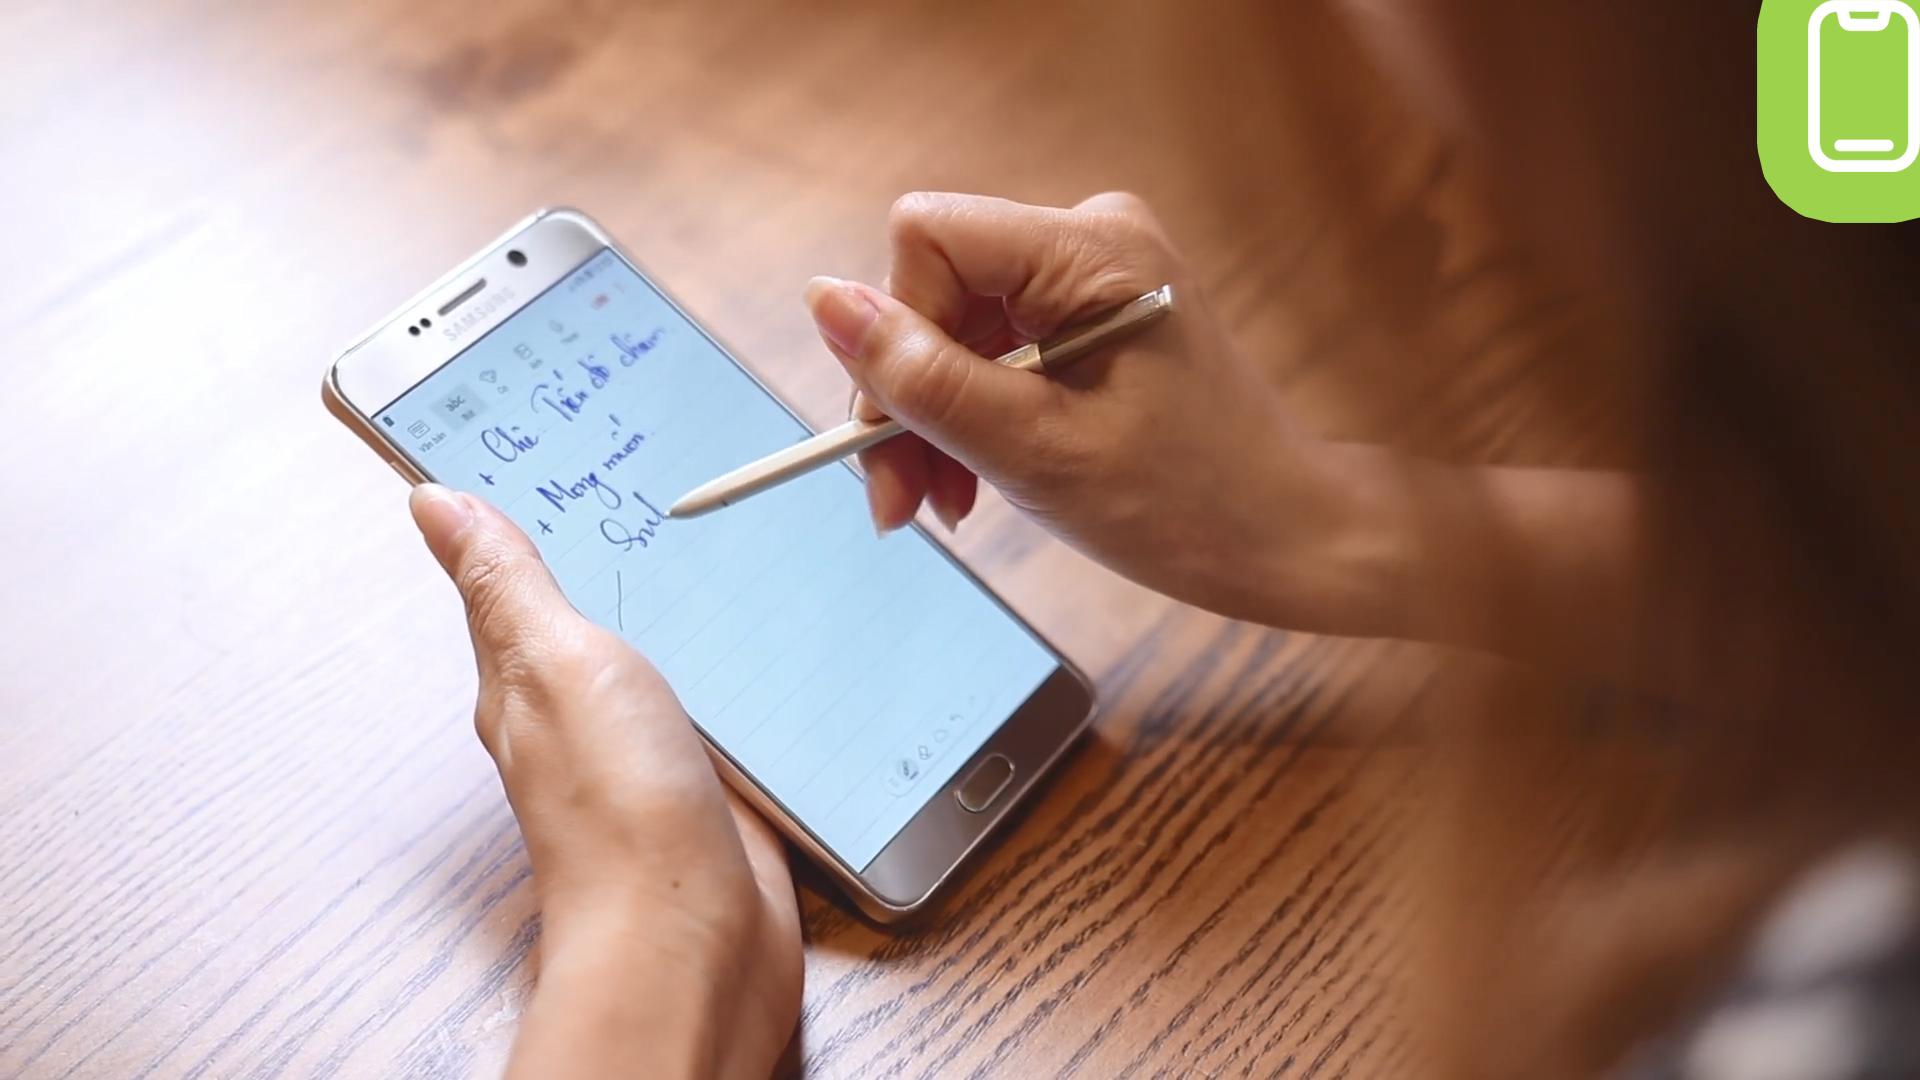 Đánh giá chi tiết Samsung Galaxy Note 5 - Ảnh 11